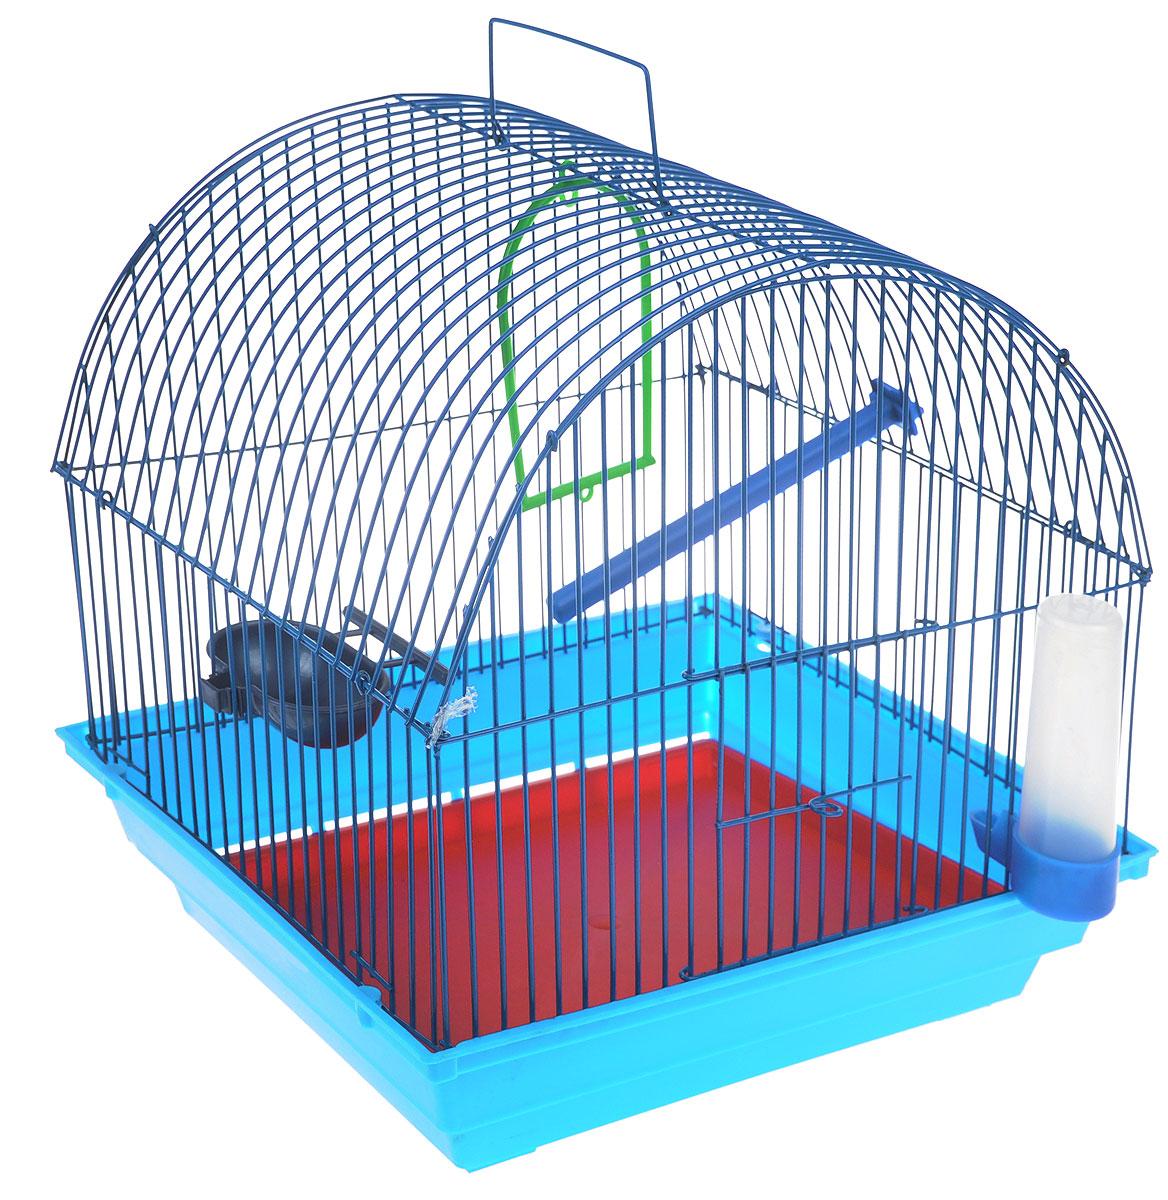 Клетка для птиц ЗооМарк, цвет: голубой поддон, синяя решетка, 35 х 28 х 34 см0120710Клетка ЗооМарк, выполненная из полипропилена и металла с эмалированным покрытием, предназначена для мелких птиц.Изделие состоит из большого поддона и решетки. Клетка снабжена металлической дверцей. В основании клетки находится малый поддон. Клетка удобна в использовании и легко чистится. Она оснащена жердочкой, кольцом для птицы, поилкой, кормушкой и подвижной ручкой для удобной переноски. Комплектация: - клетка с поддоном, - малый поддон; - поилка; - кормушка;- кольцо.